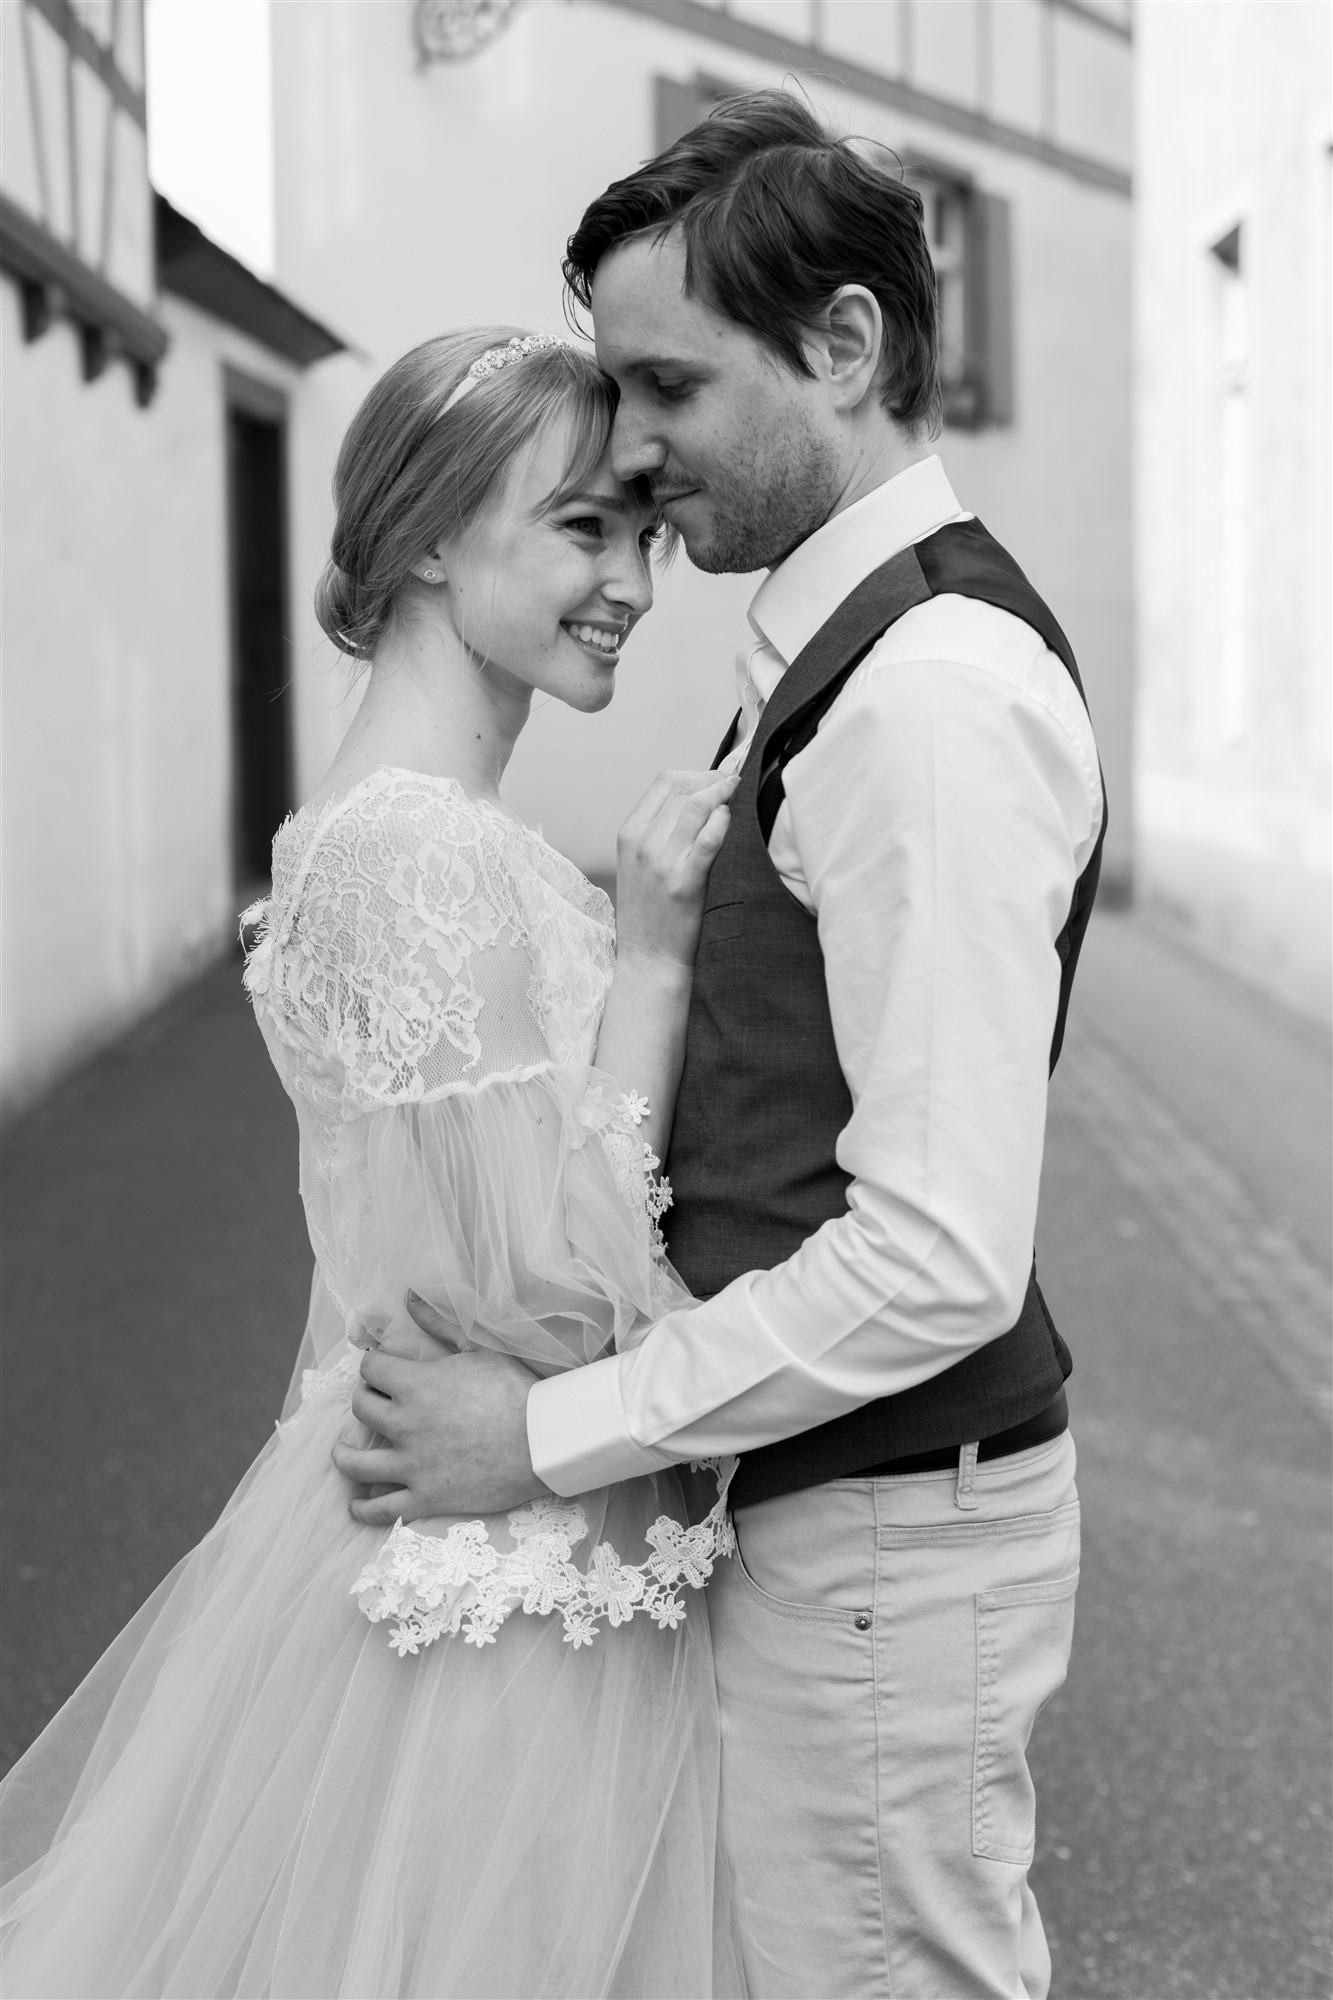 Paar Fotoshooting in den schönen Gassen von Basel bei den Hochzeitsfotografen Nicole.Gallery